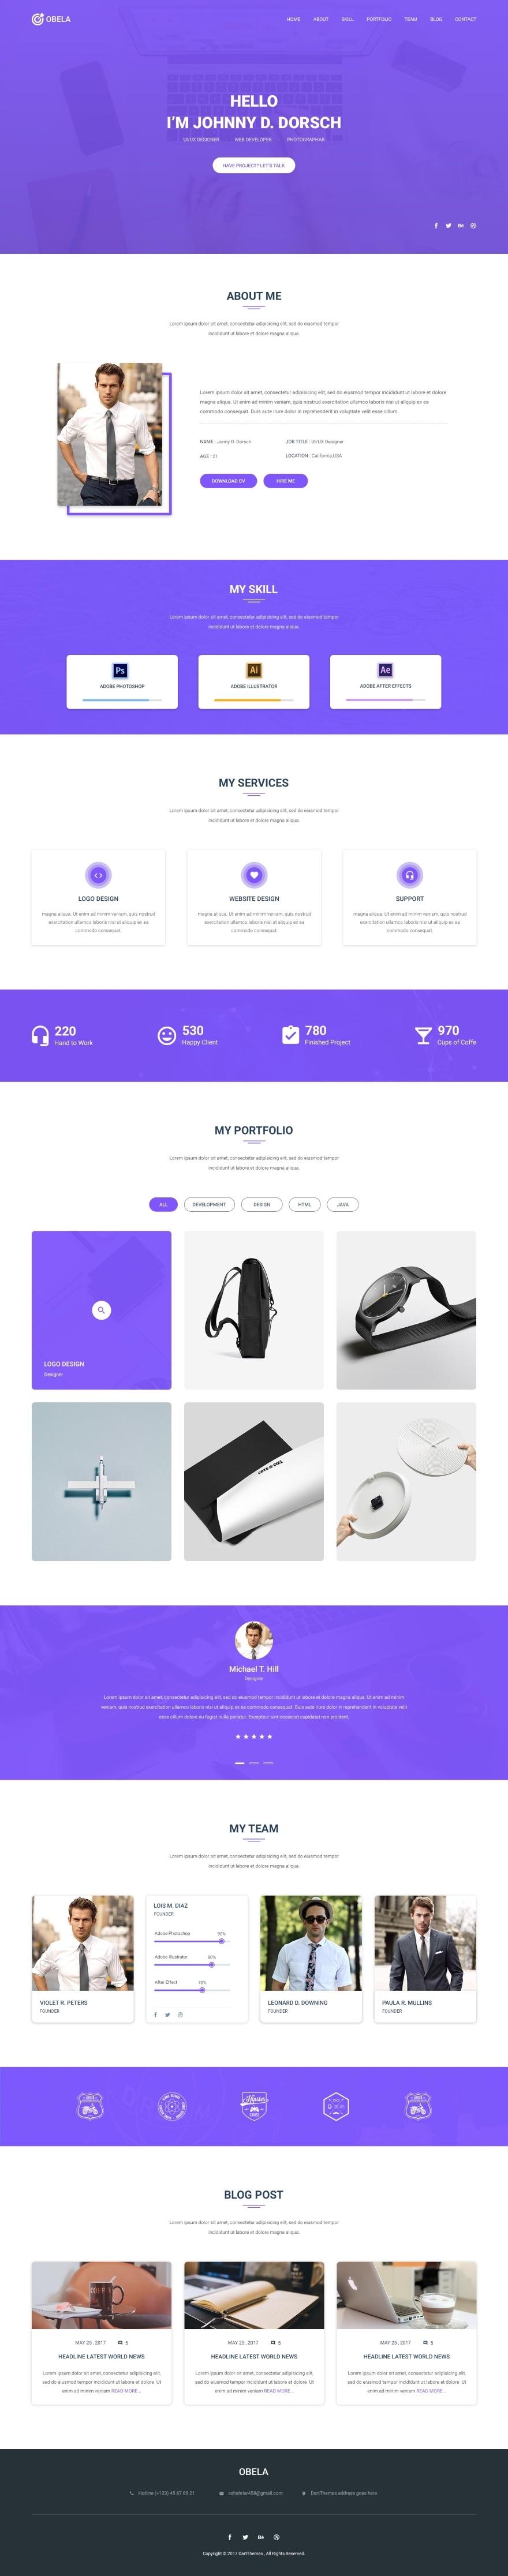 Violet Portfolio Free PSD Template Psd templates